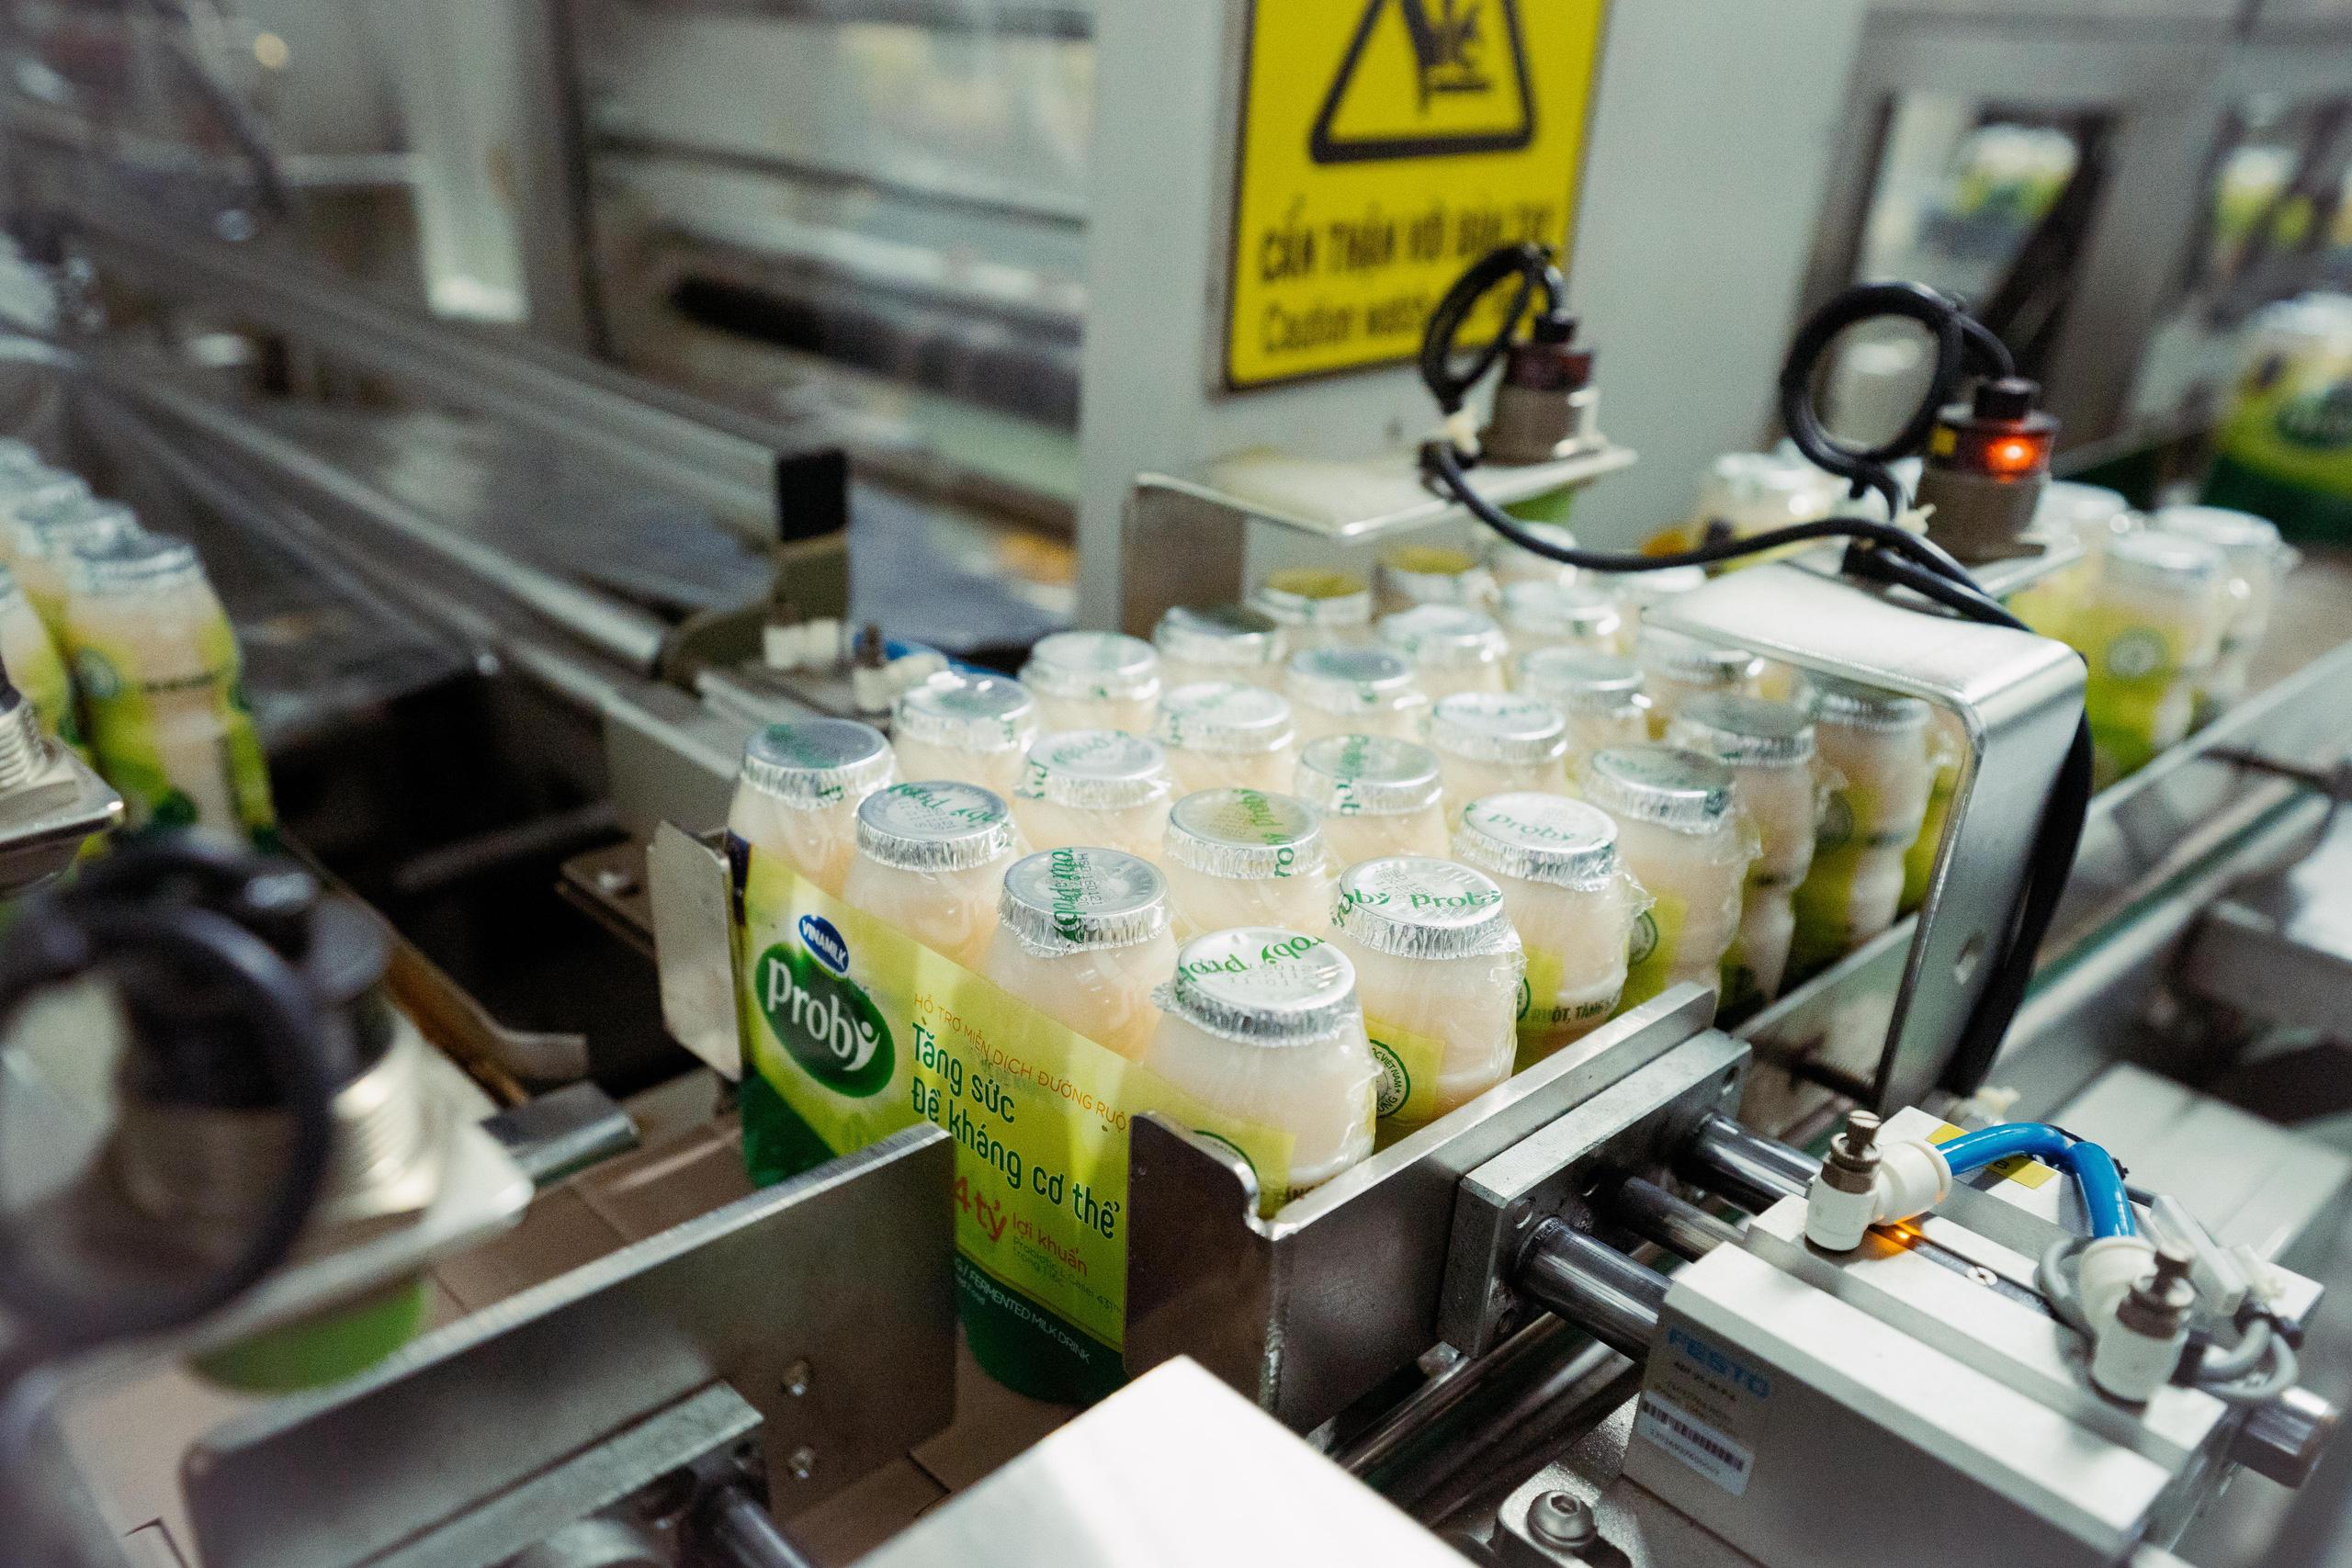 700.000 sản phẩm Vinamilk được chọn phục vụ sự kiện lớn của quốc gia  - Ảnh 4.